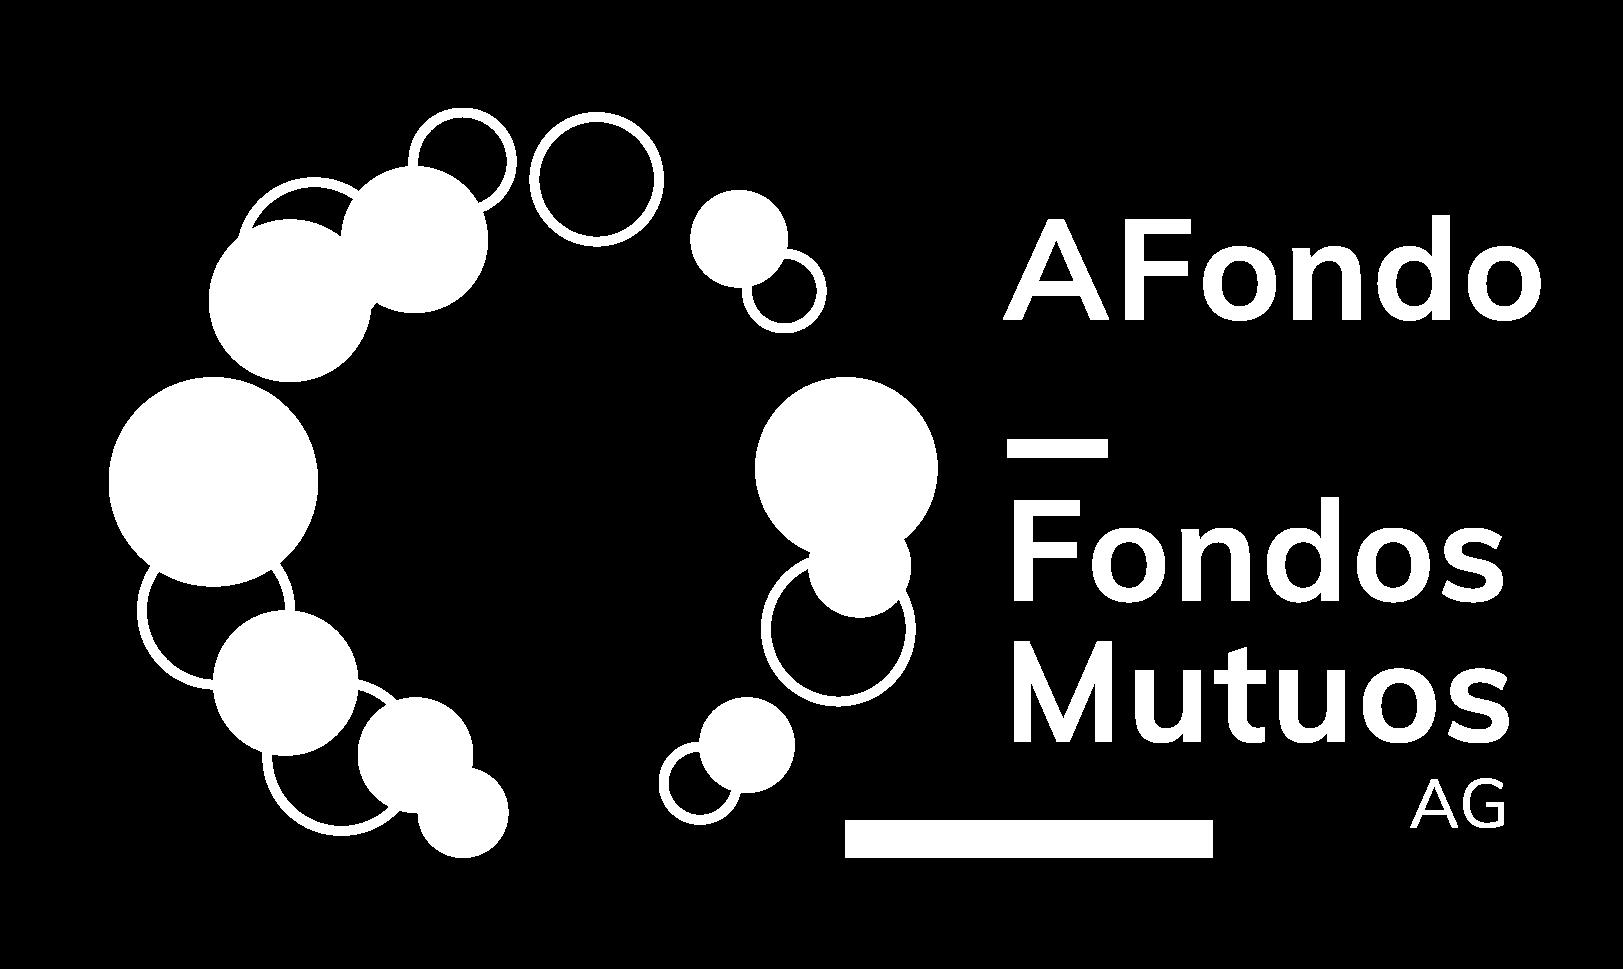 logo Afondo